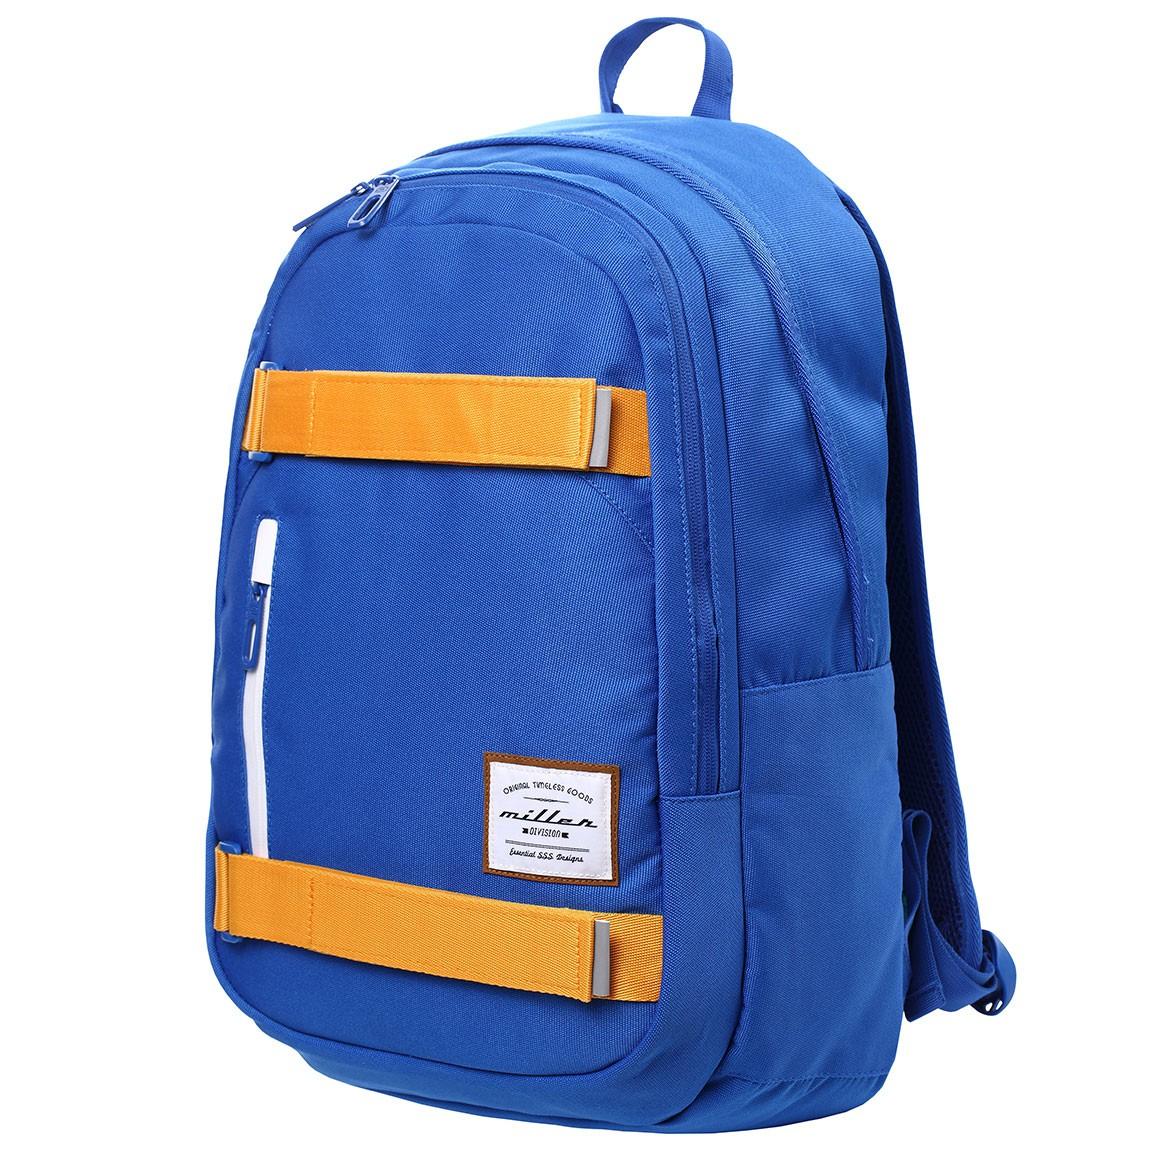 Batoh Miller Sk8 blue